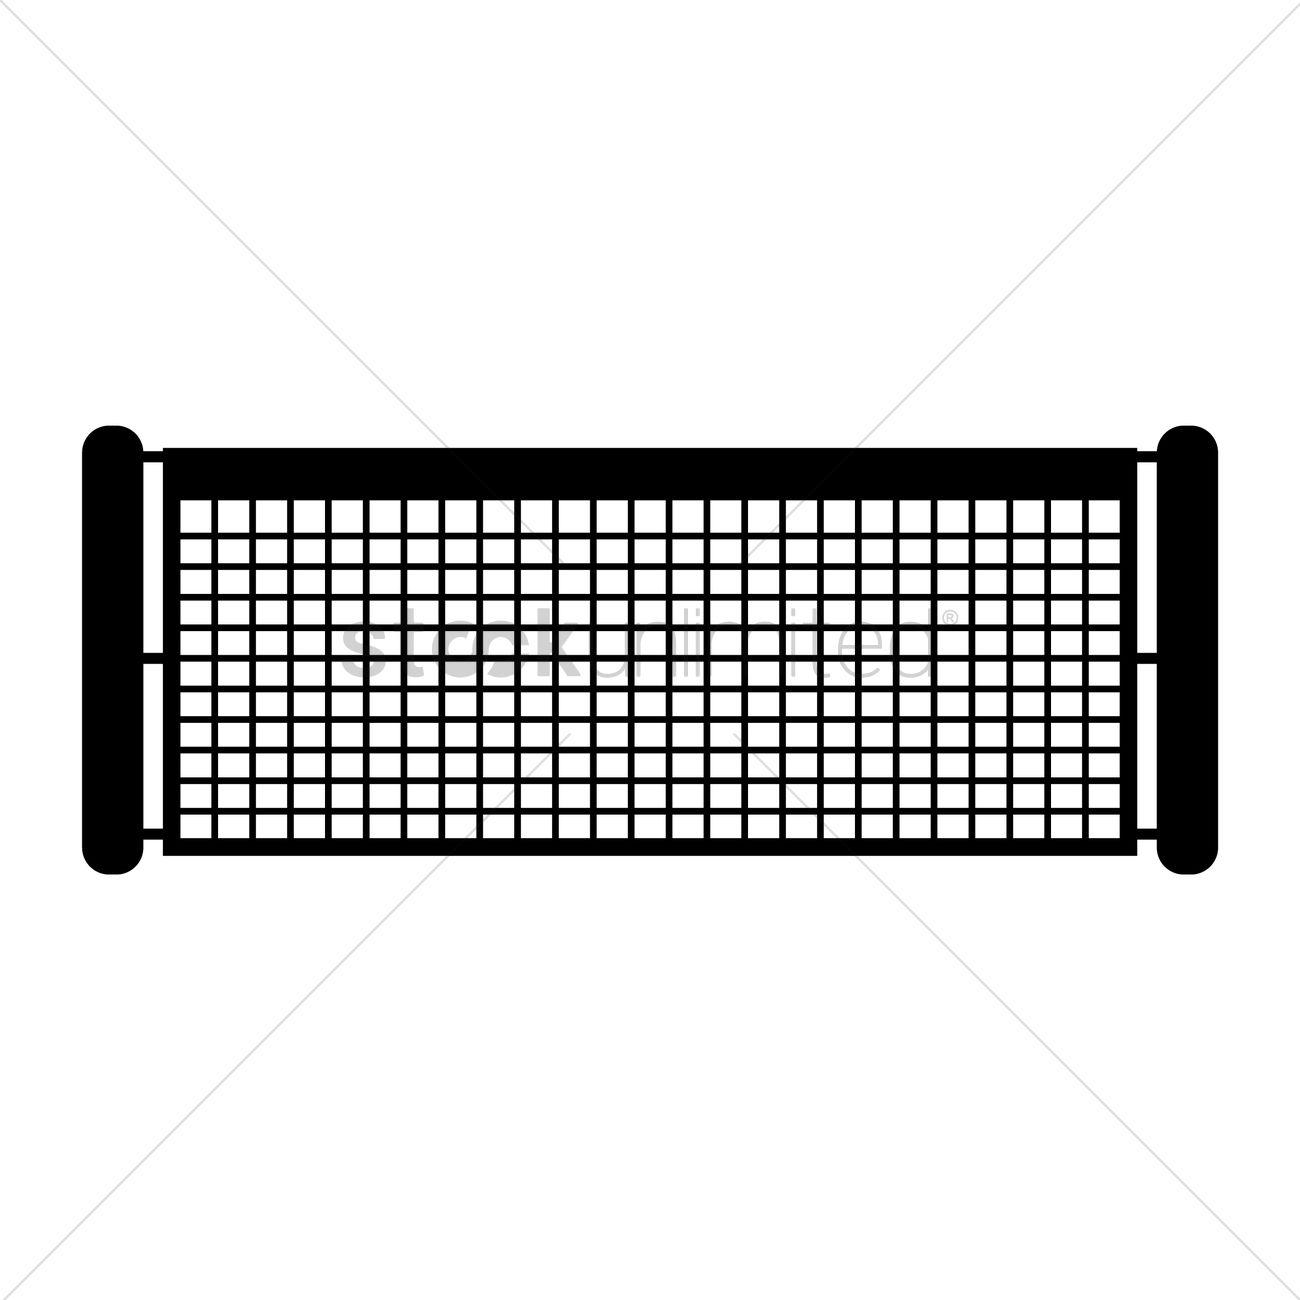 Tennis net Vector Image - 1979546 | StockUnlimited Tennis Net Vector